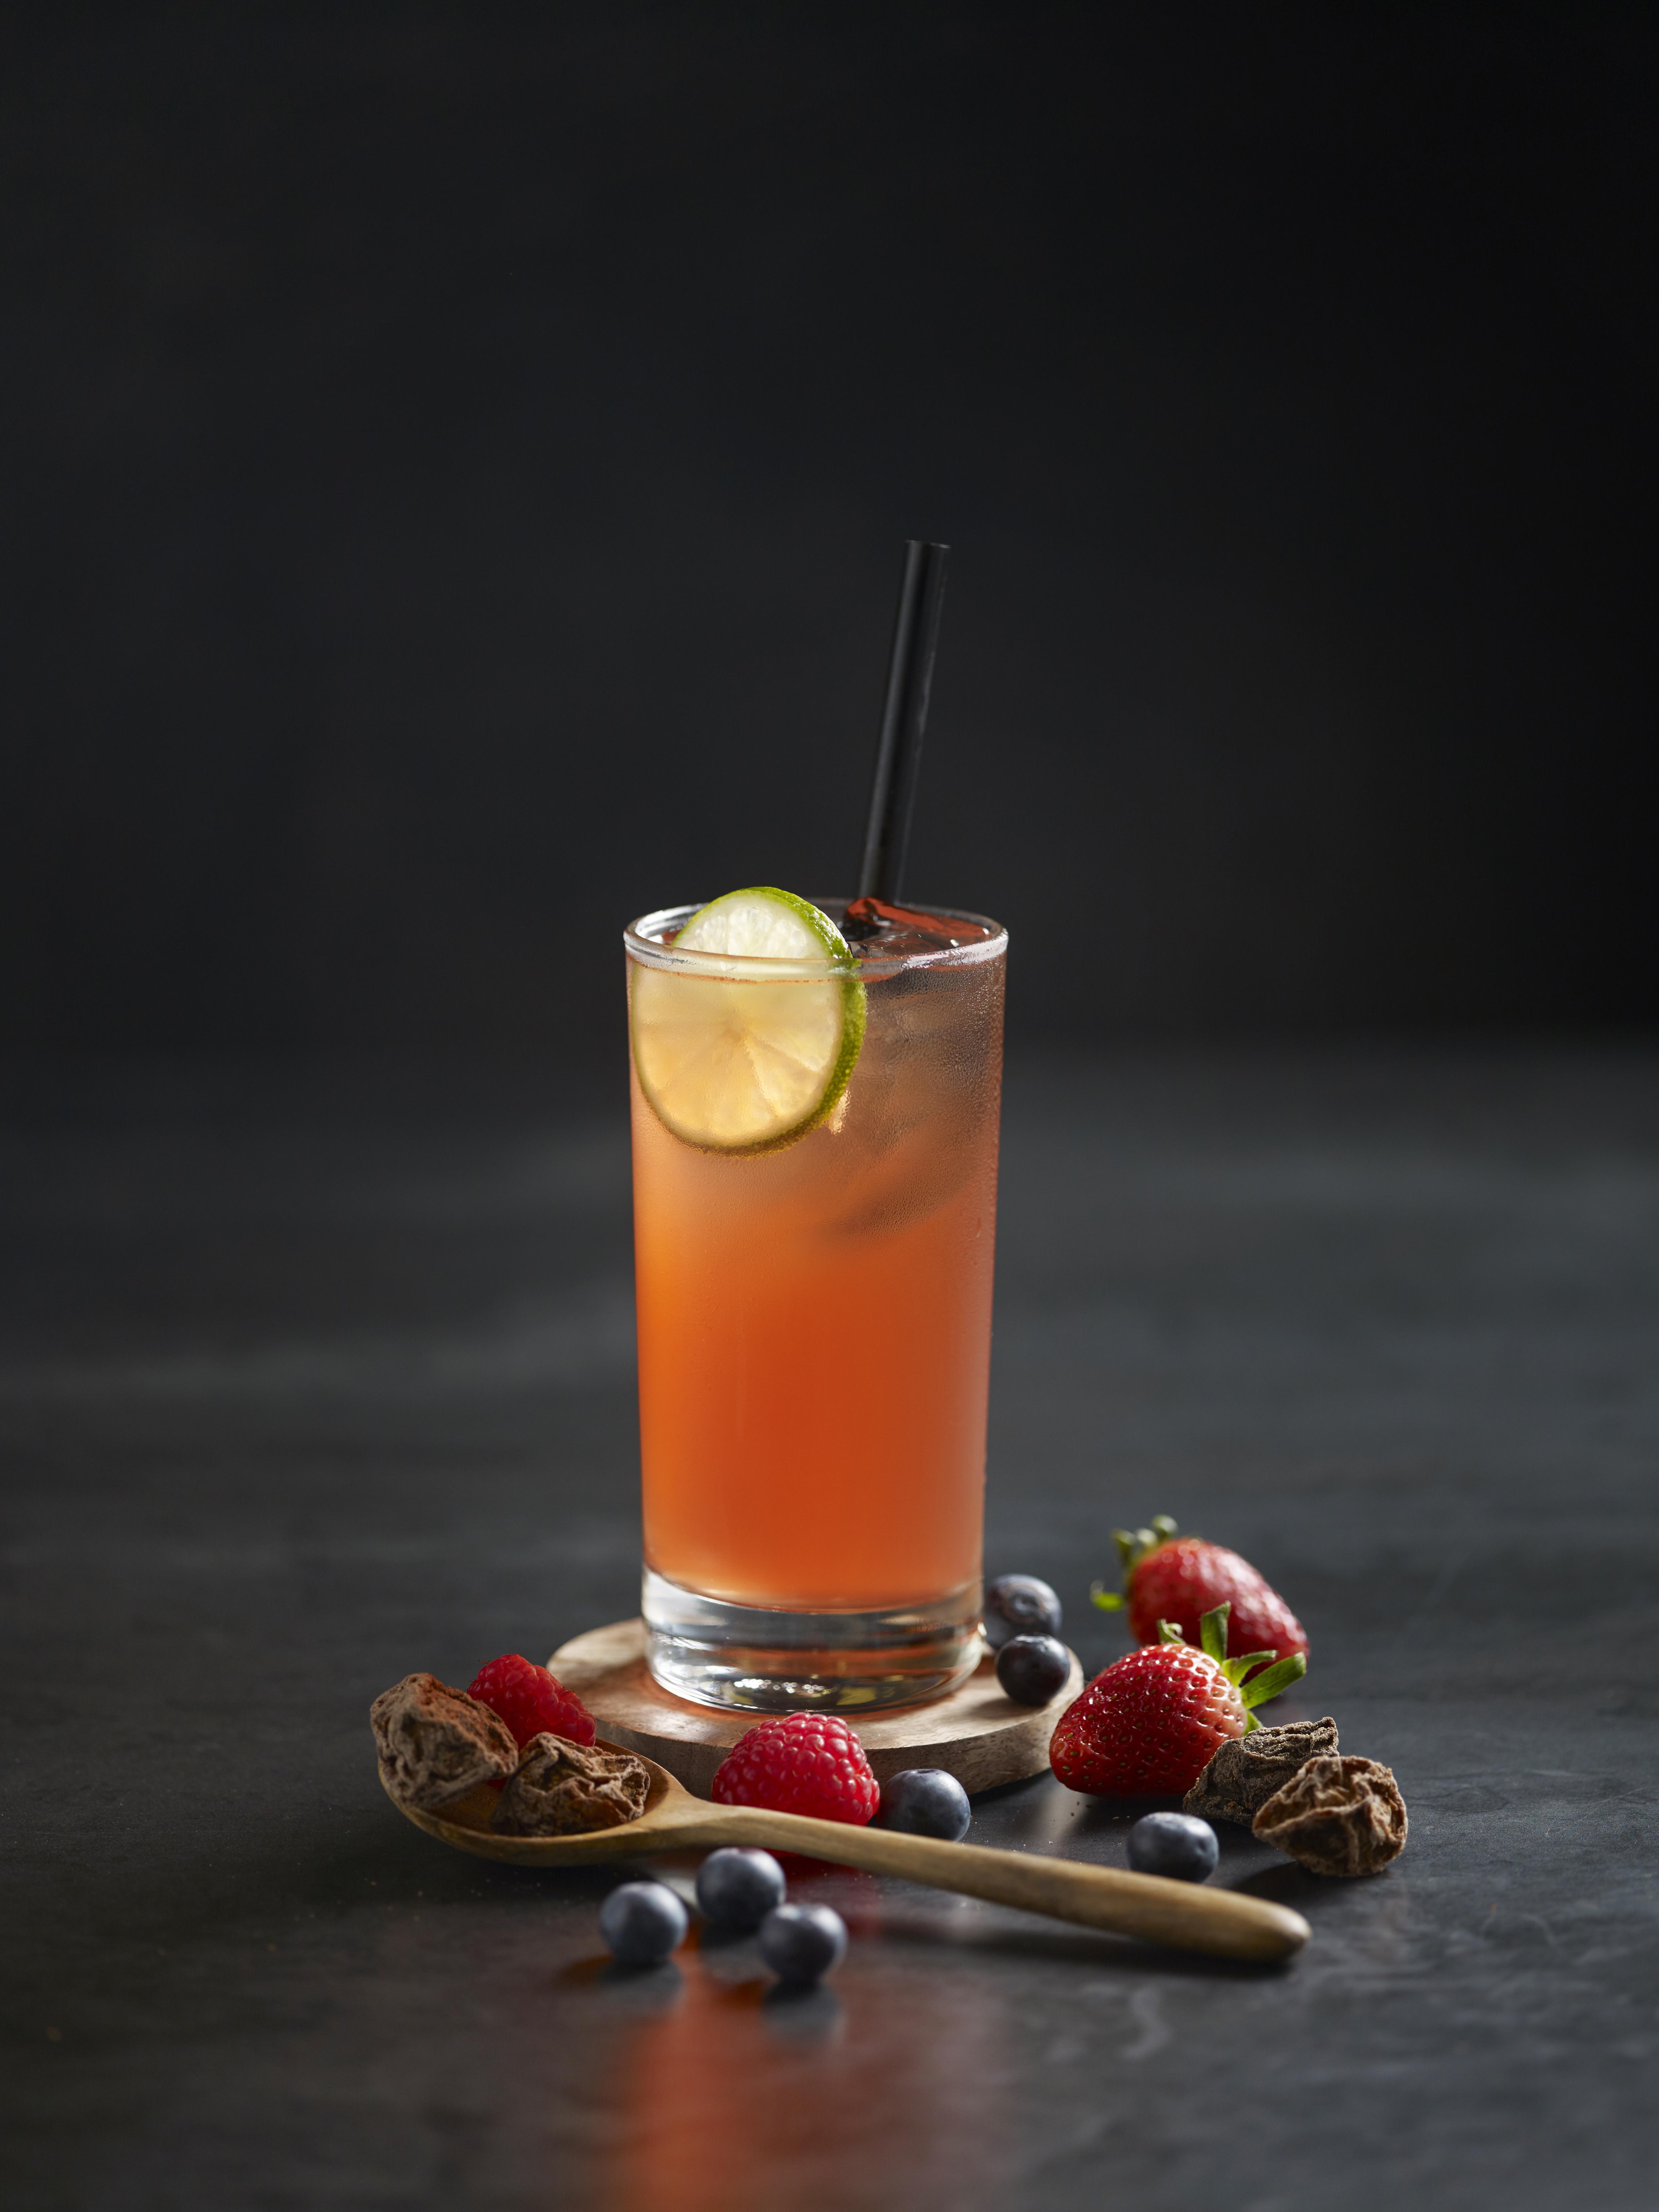 Sourplum Berry Essence (Cold)